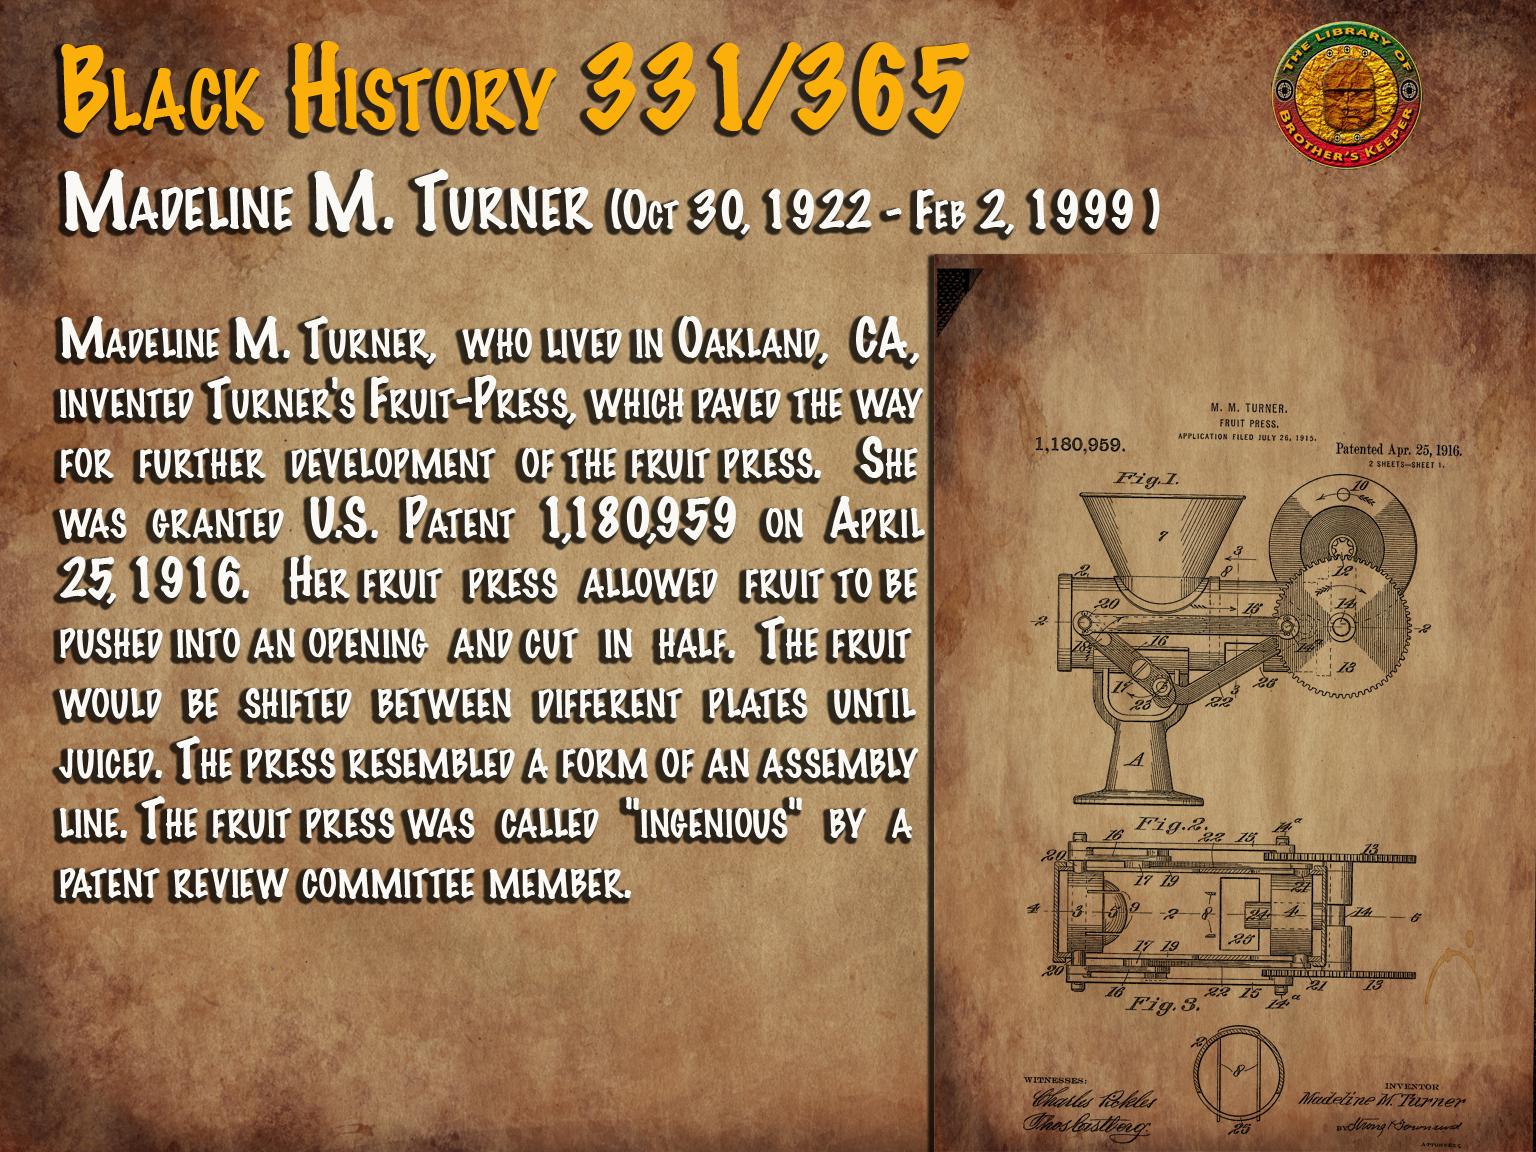 Madeline M. Turner